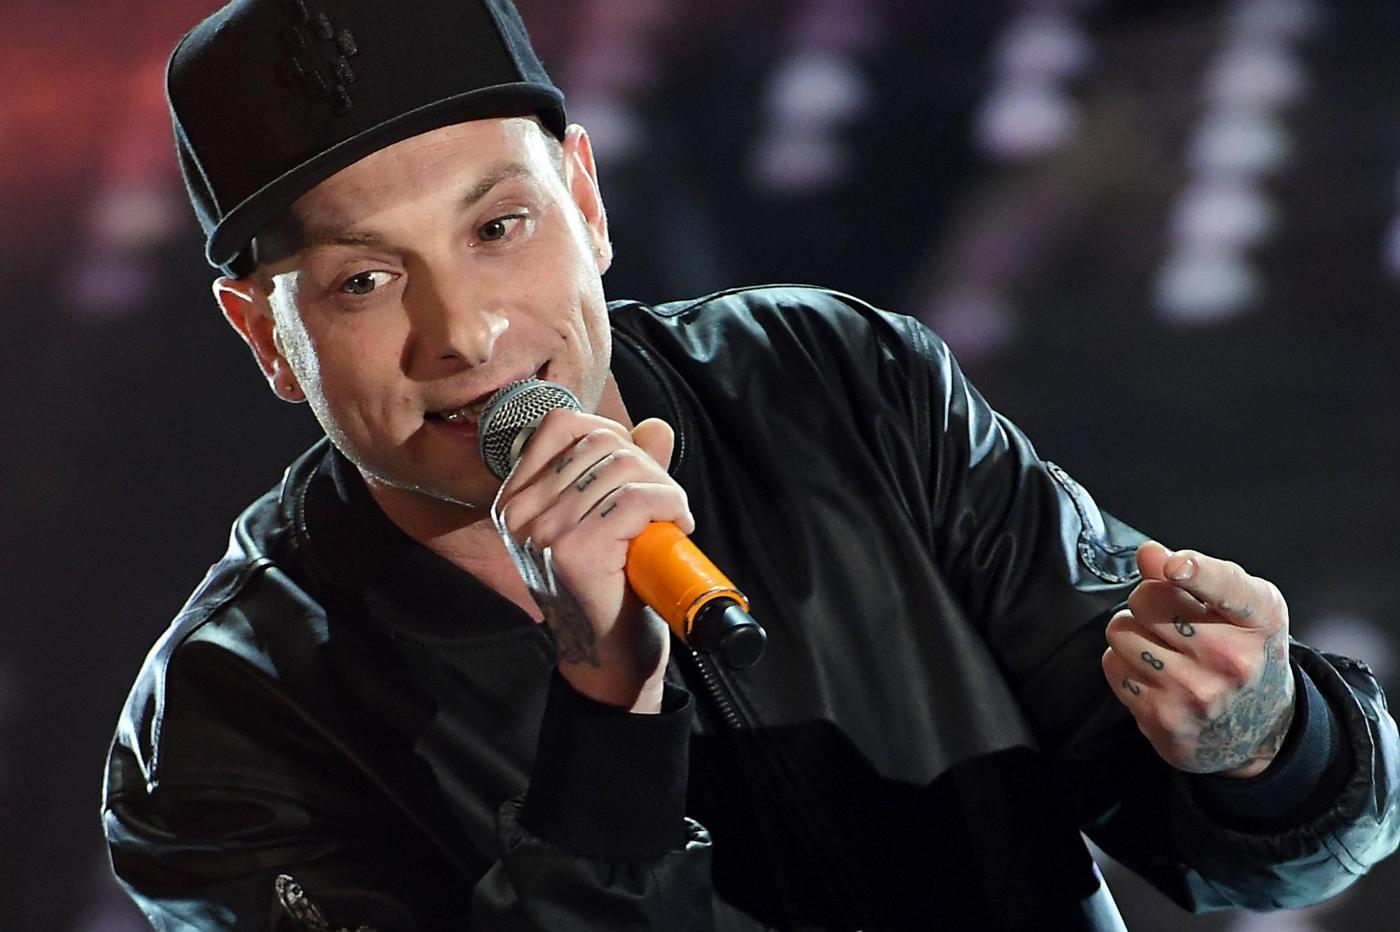 Festival di Sanremo 2017: Clementino canta 'Svalutation' e dà spettacolo in sala stampa